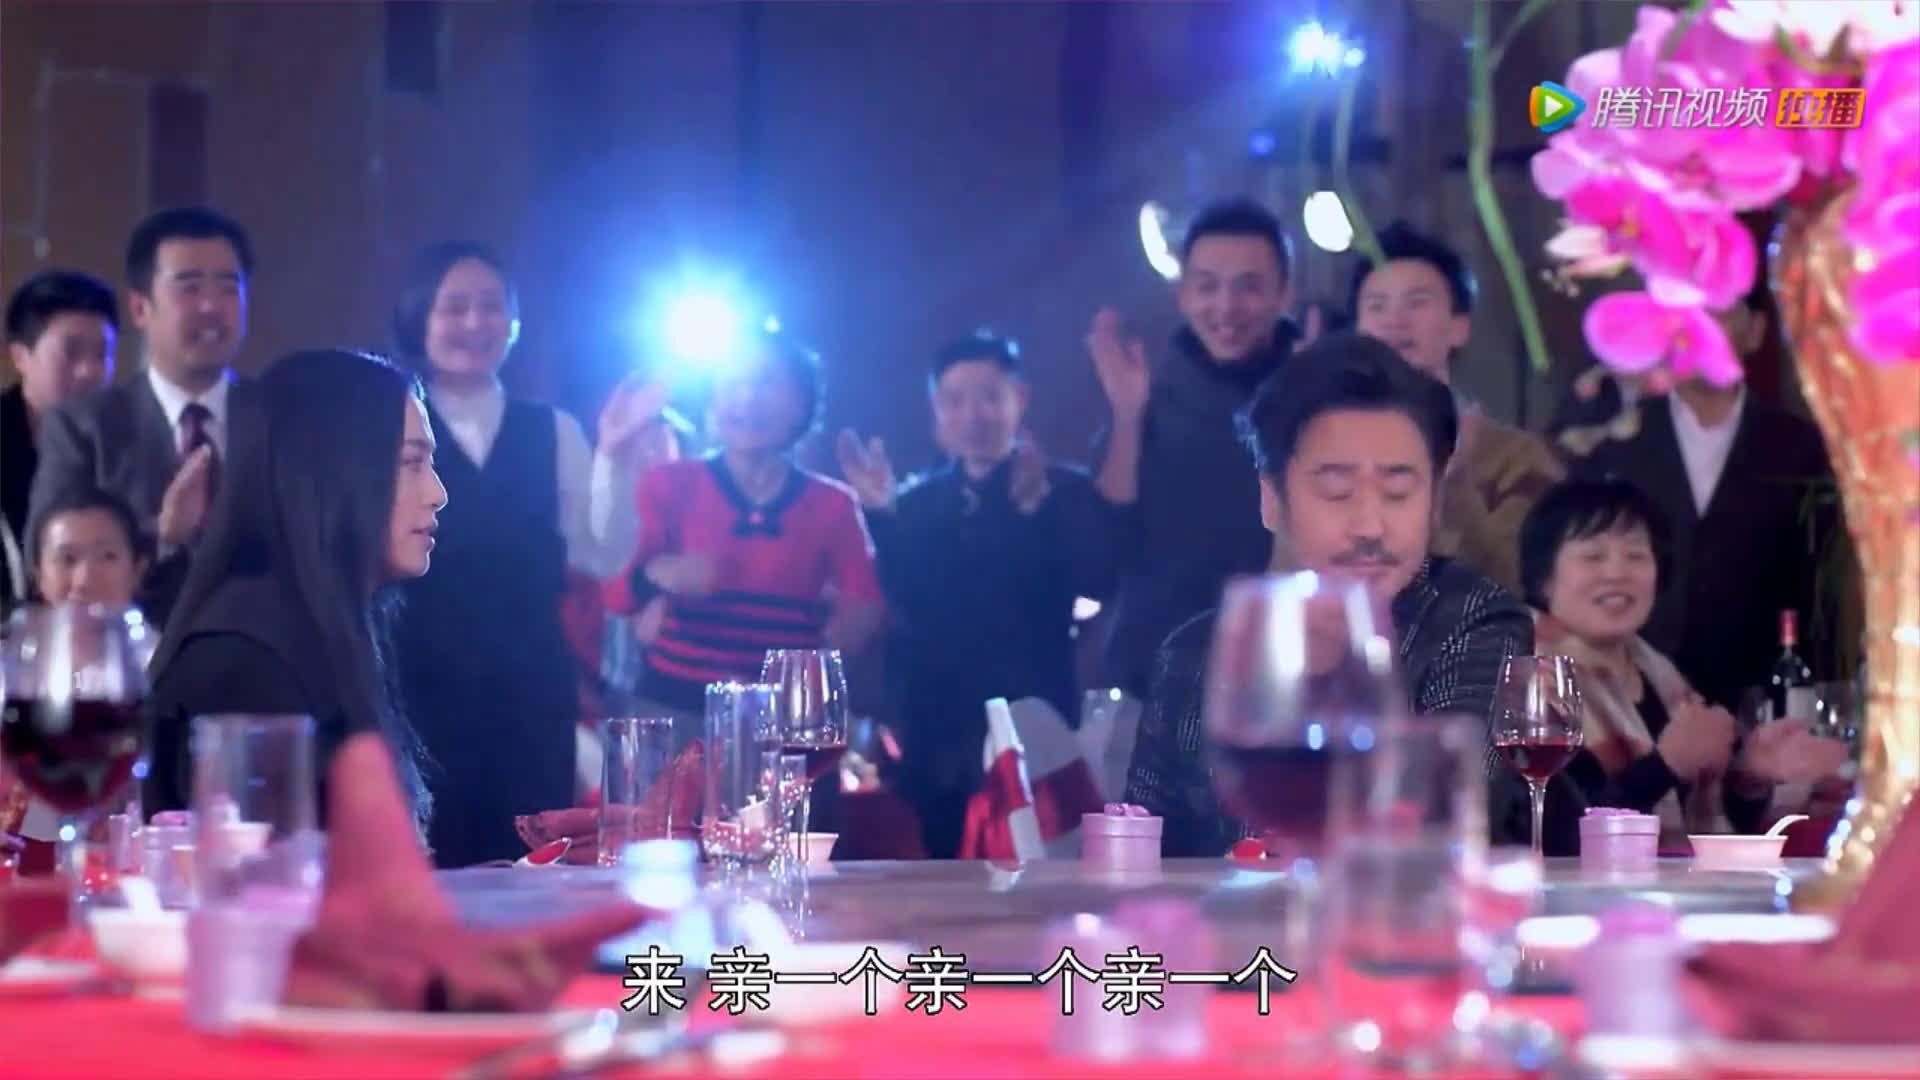 【离婚律师】燃!姚晨将军,结果最后两人真的亲上了!